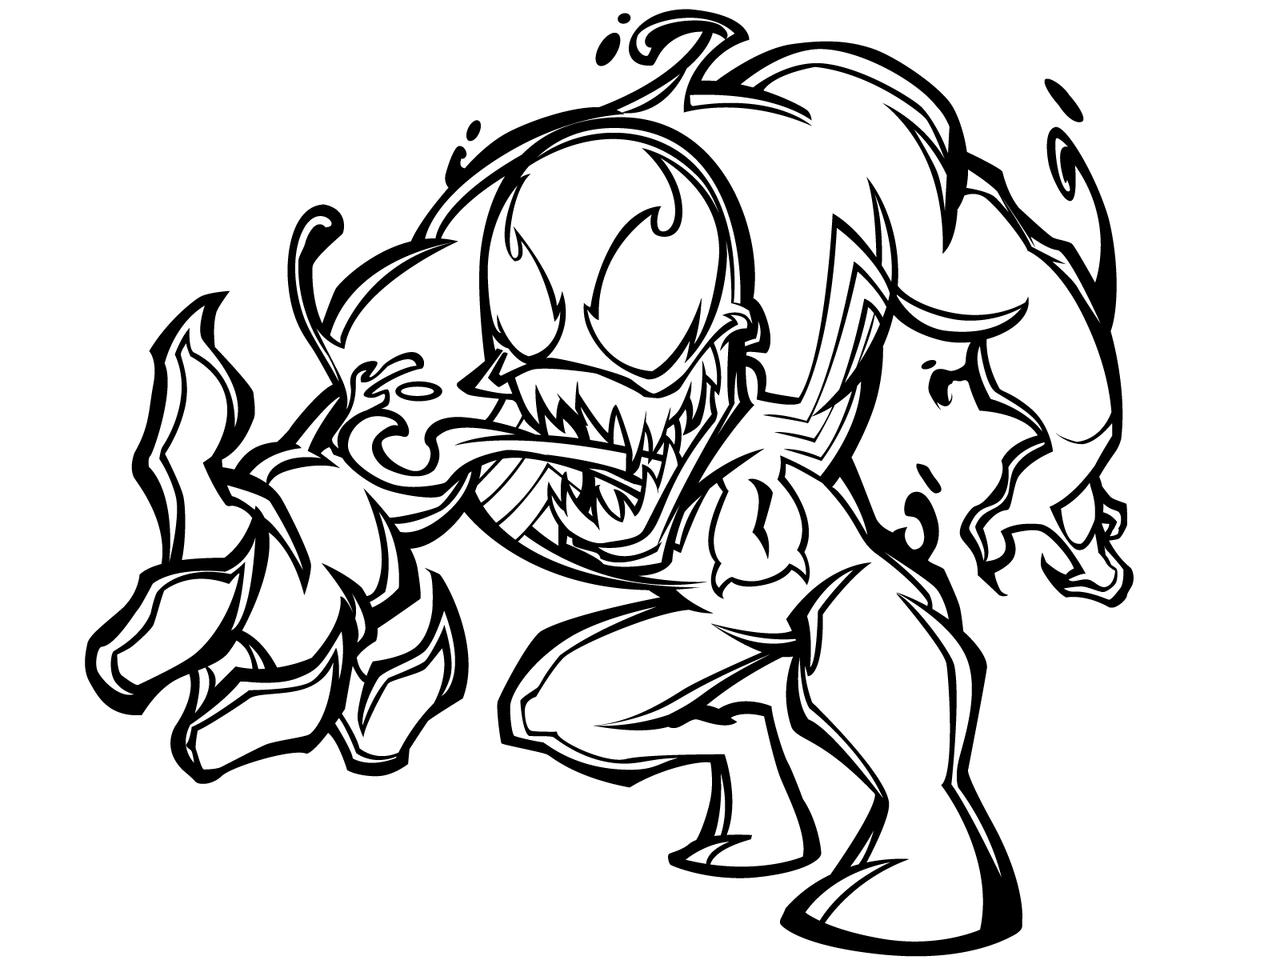 Cartooning The Ultimate Character Design Book Pdf Free : Desenhos do venom para colorir